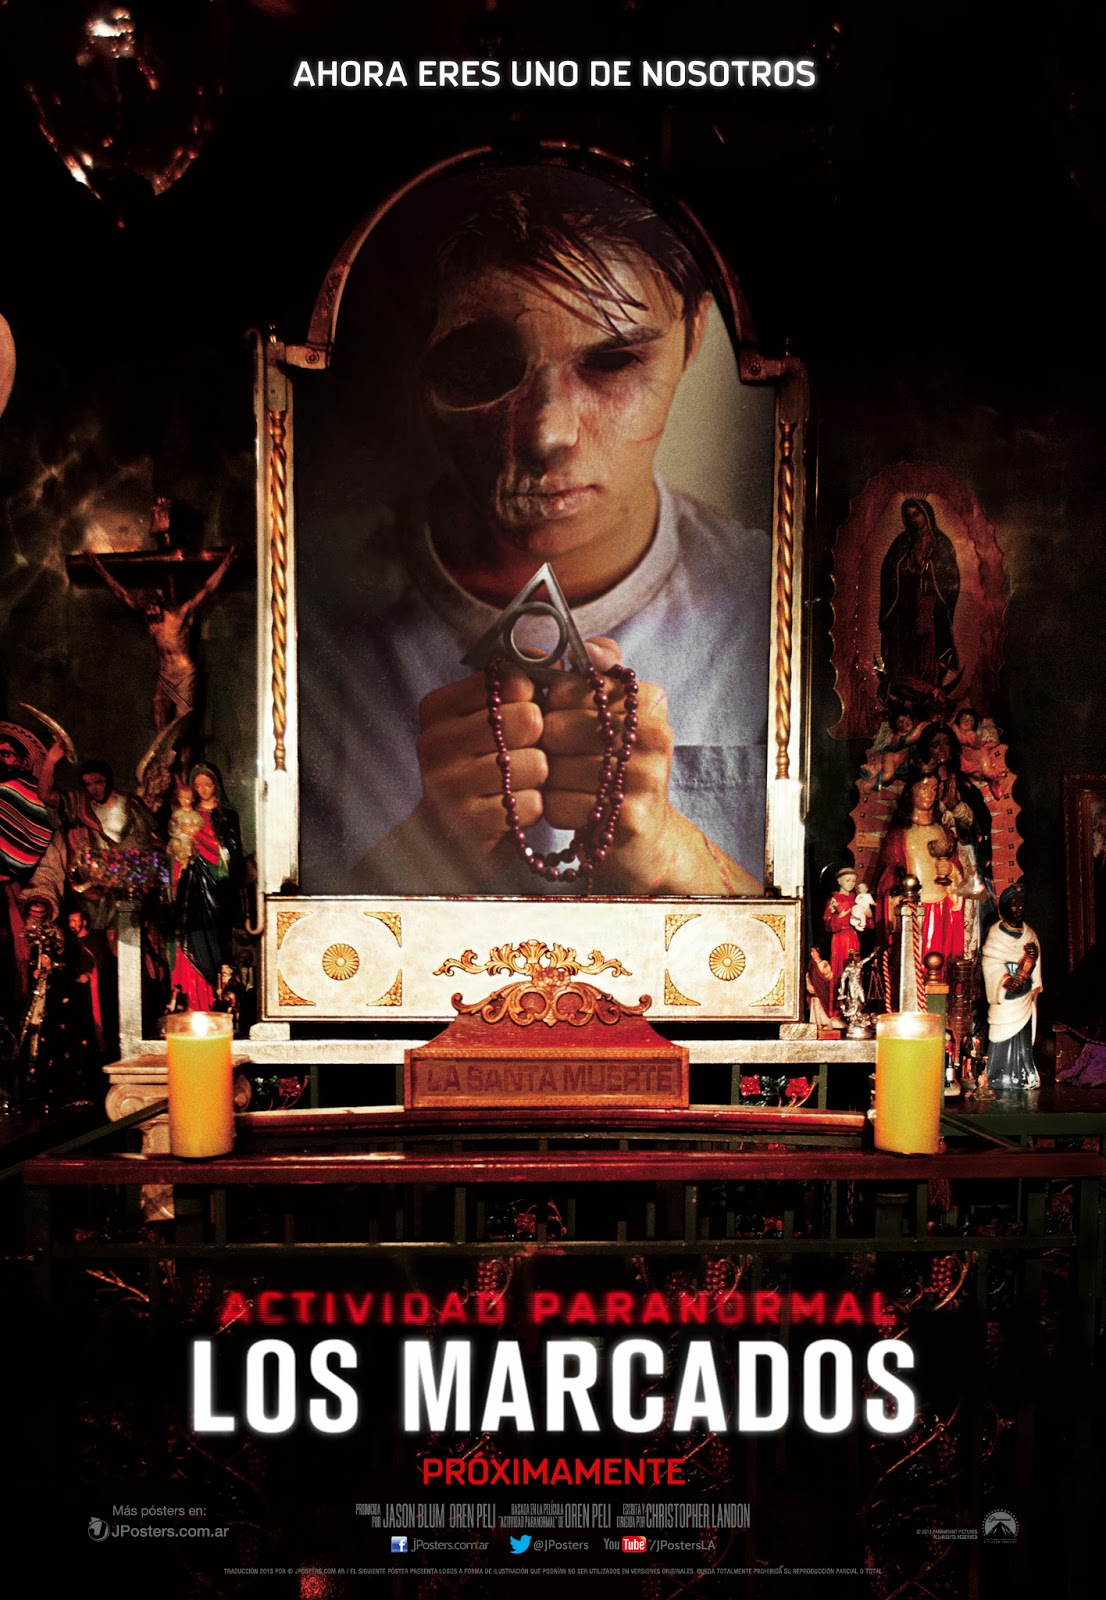 Actividad Paranormal Los Marcados Wallpaper Latino de Actividad pa